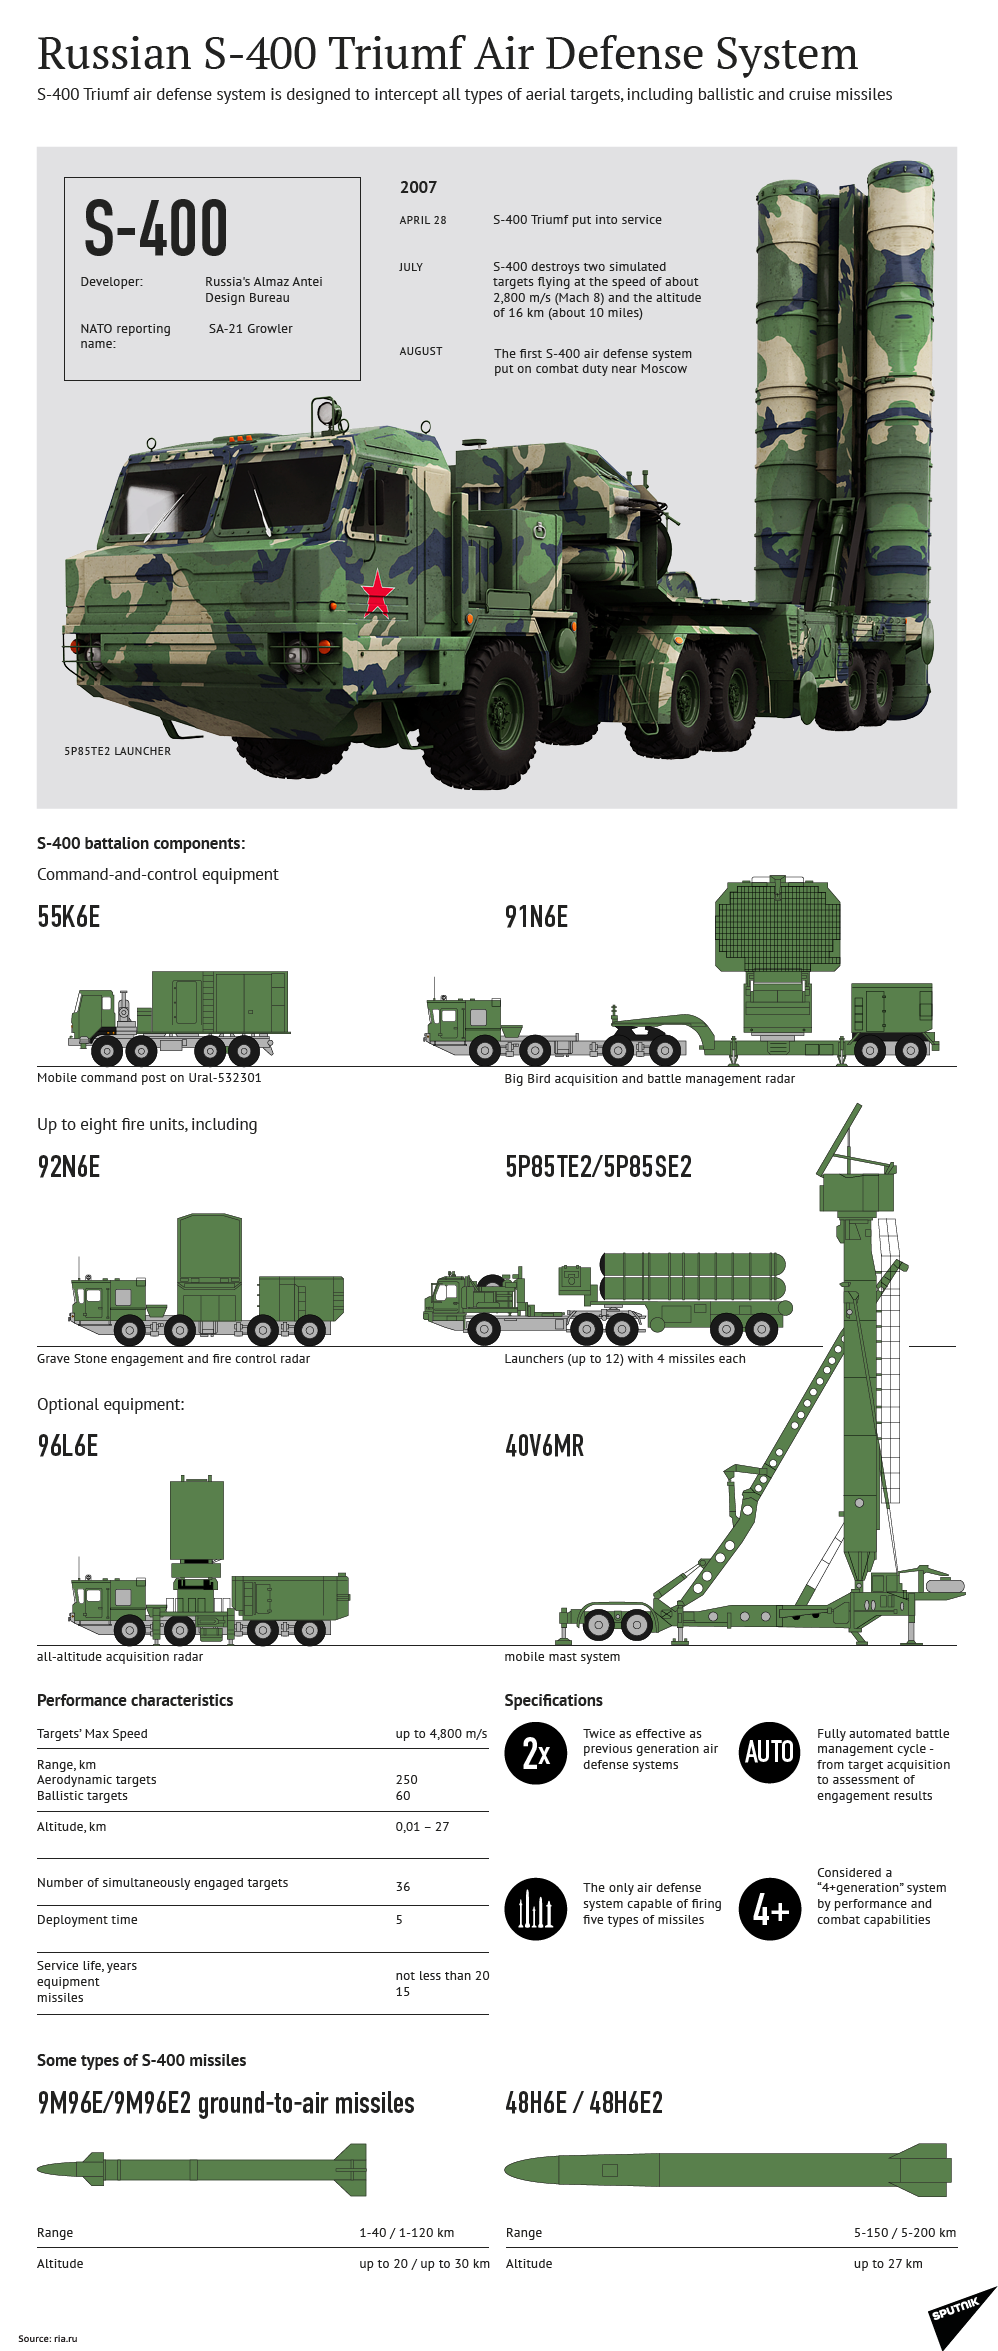 S-400 infographic